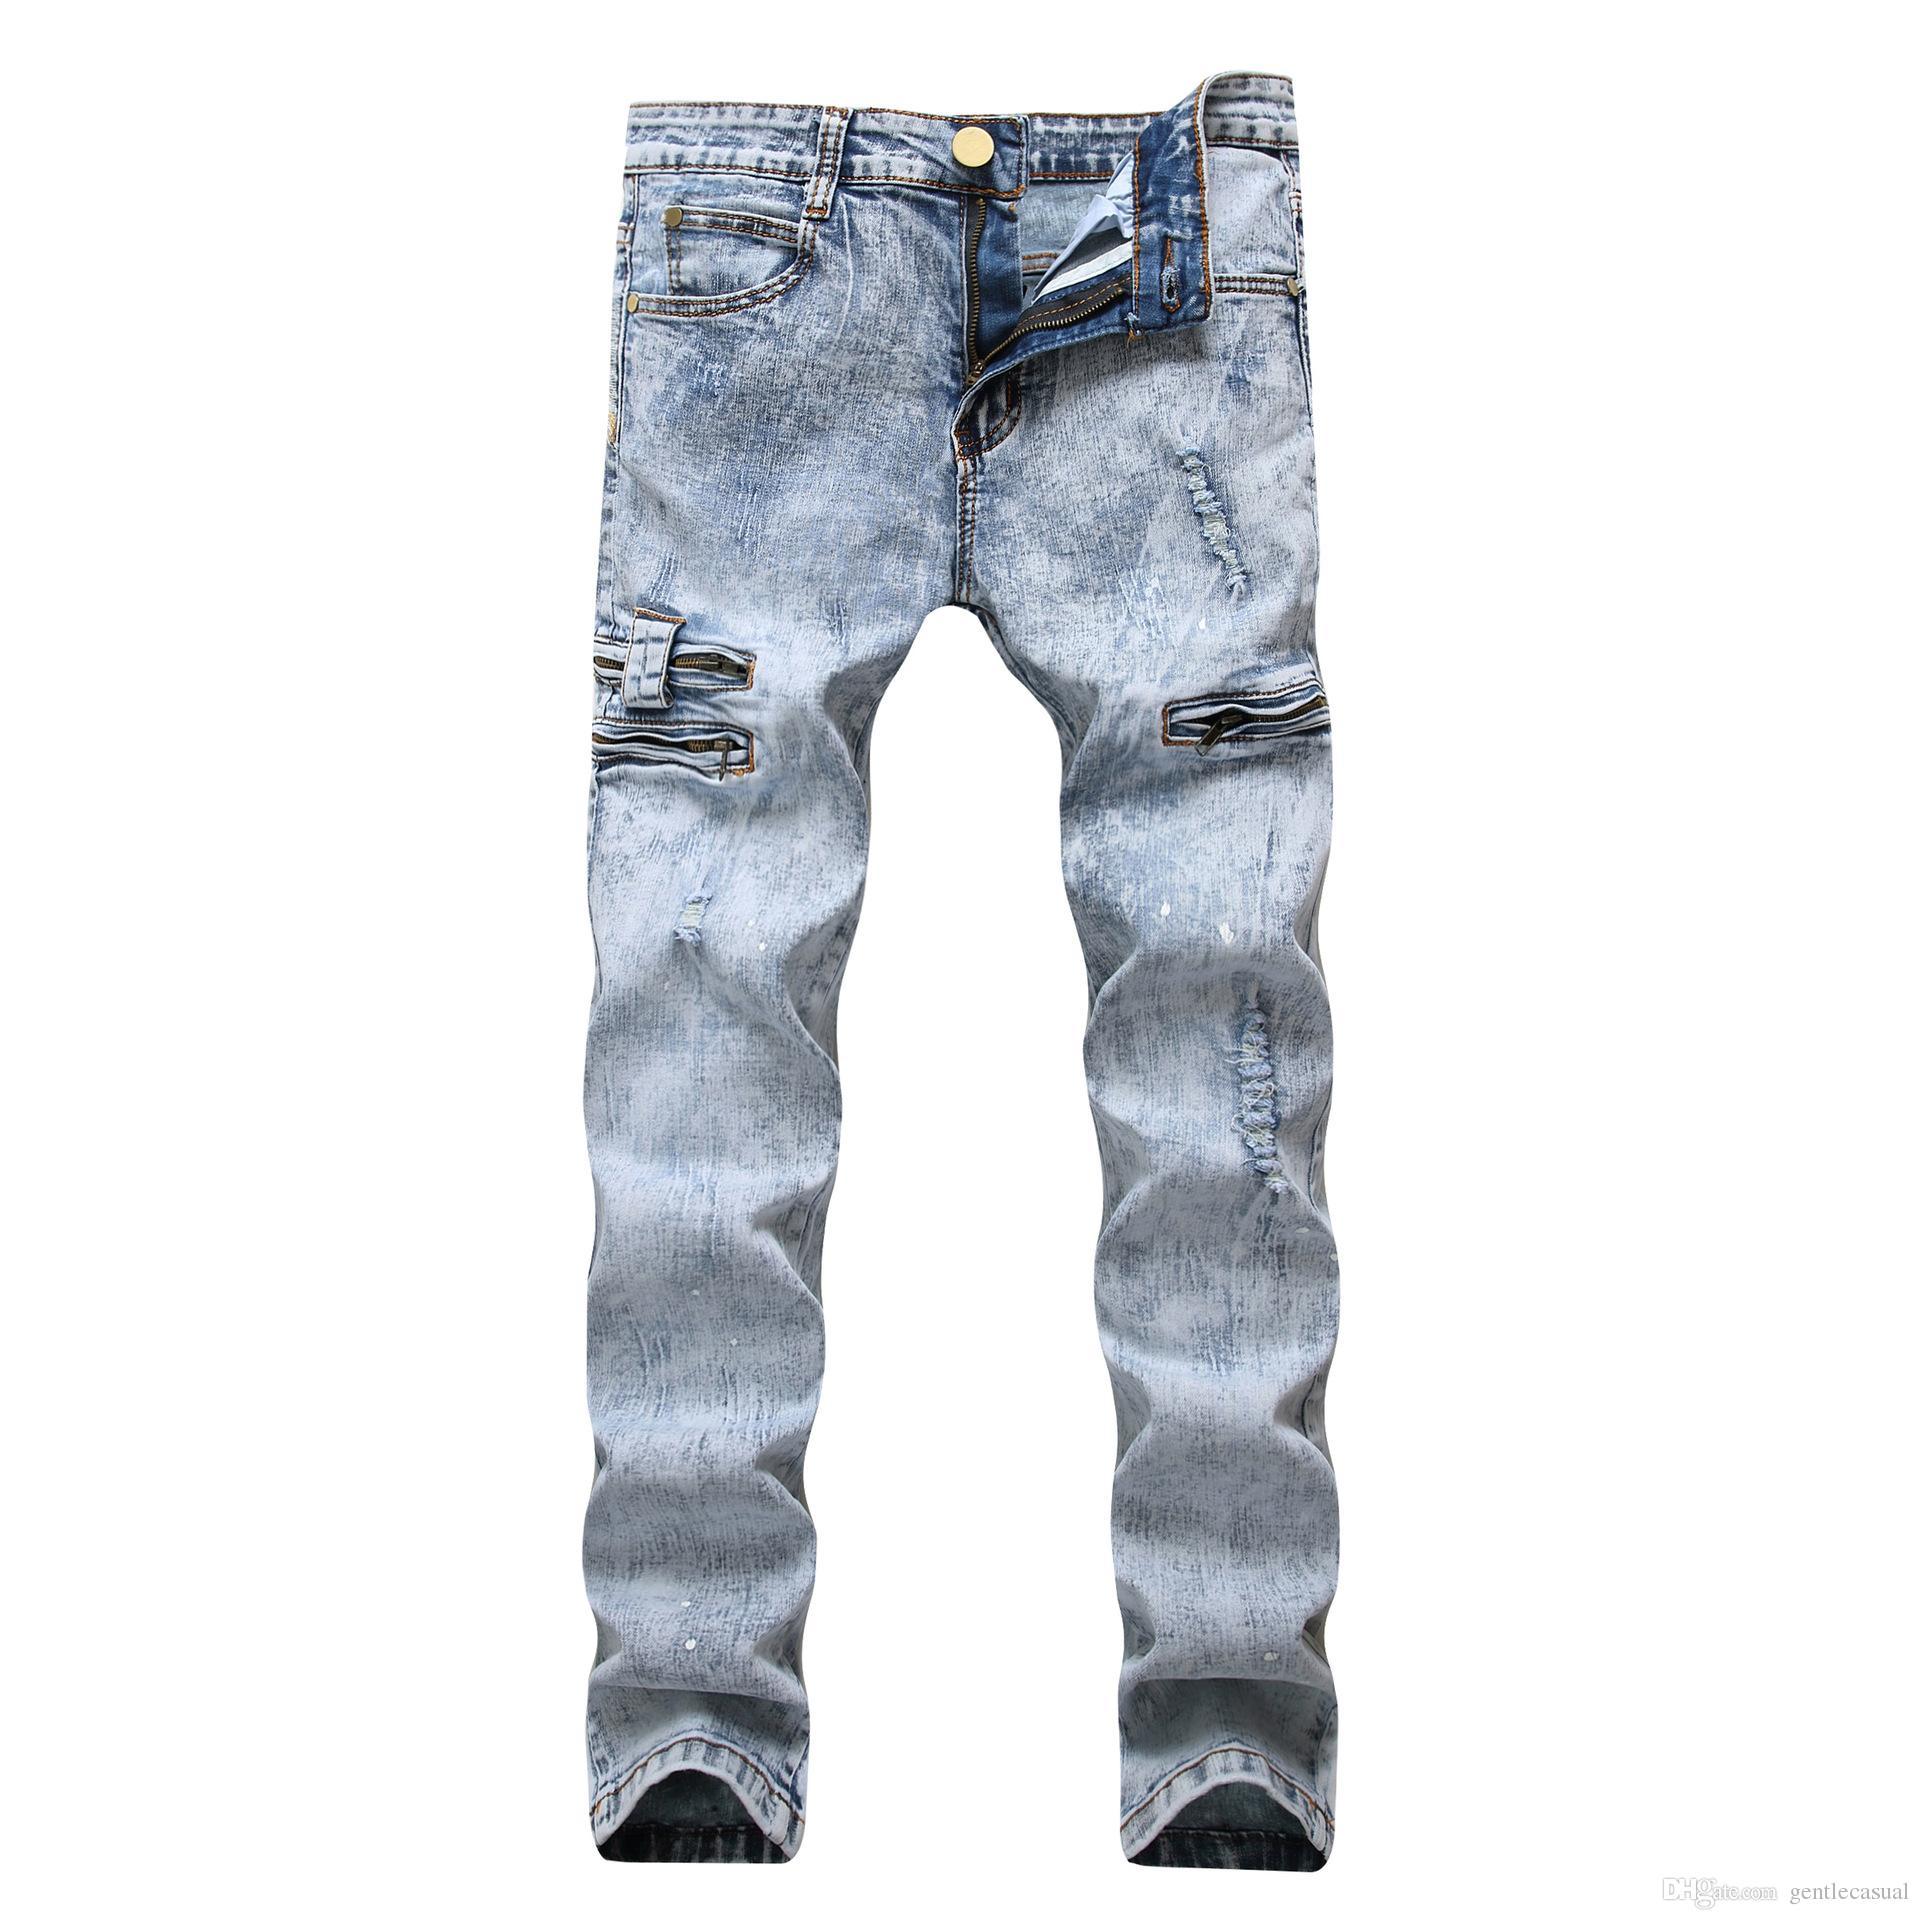 Erkekler İnce Jeans Açık Mavi Sparks Tasarım Fermuarlar Elastik Erkek Jeans Kalem Pantolon Yıkanmış